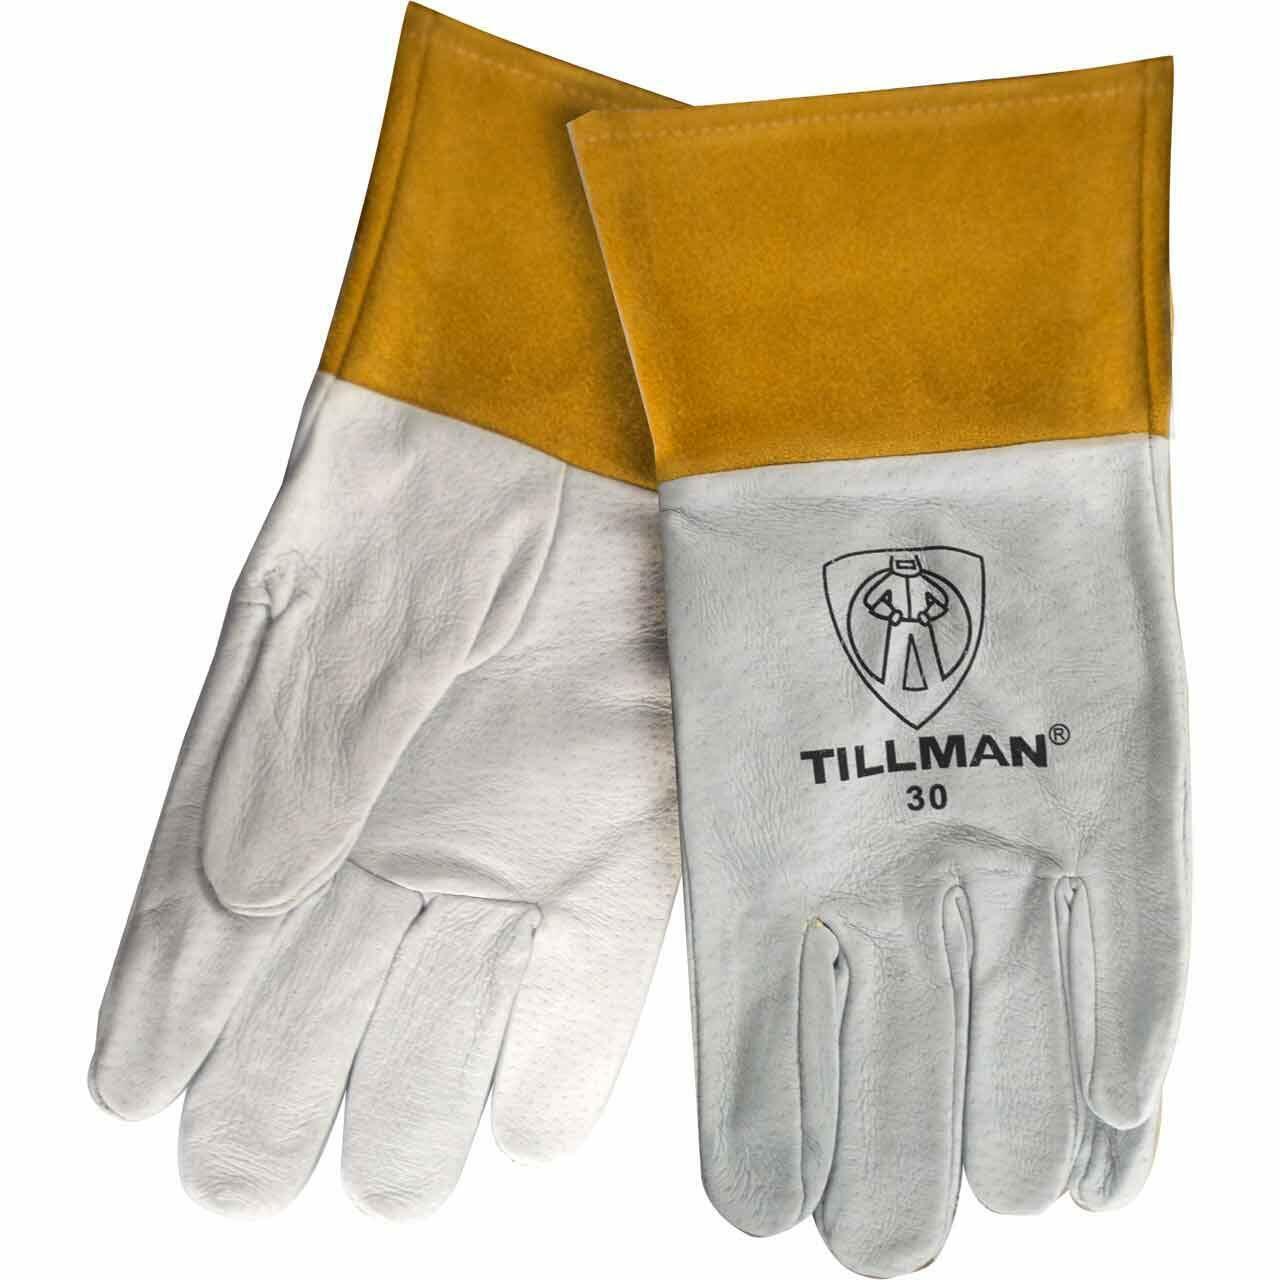 Tillman 30 Top Grain Pigskin TIG Welding Gloves Size Small- XL Business & Industrial